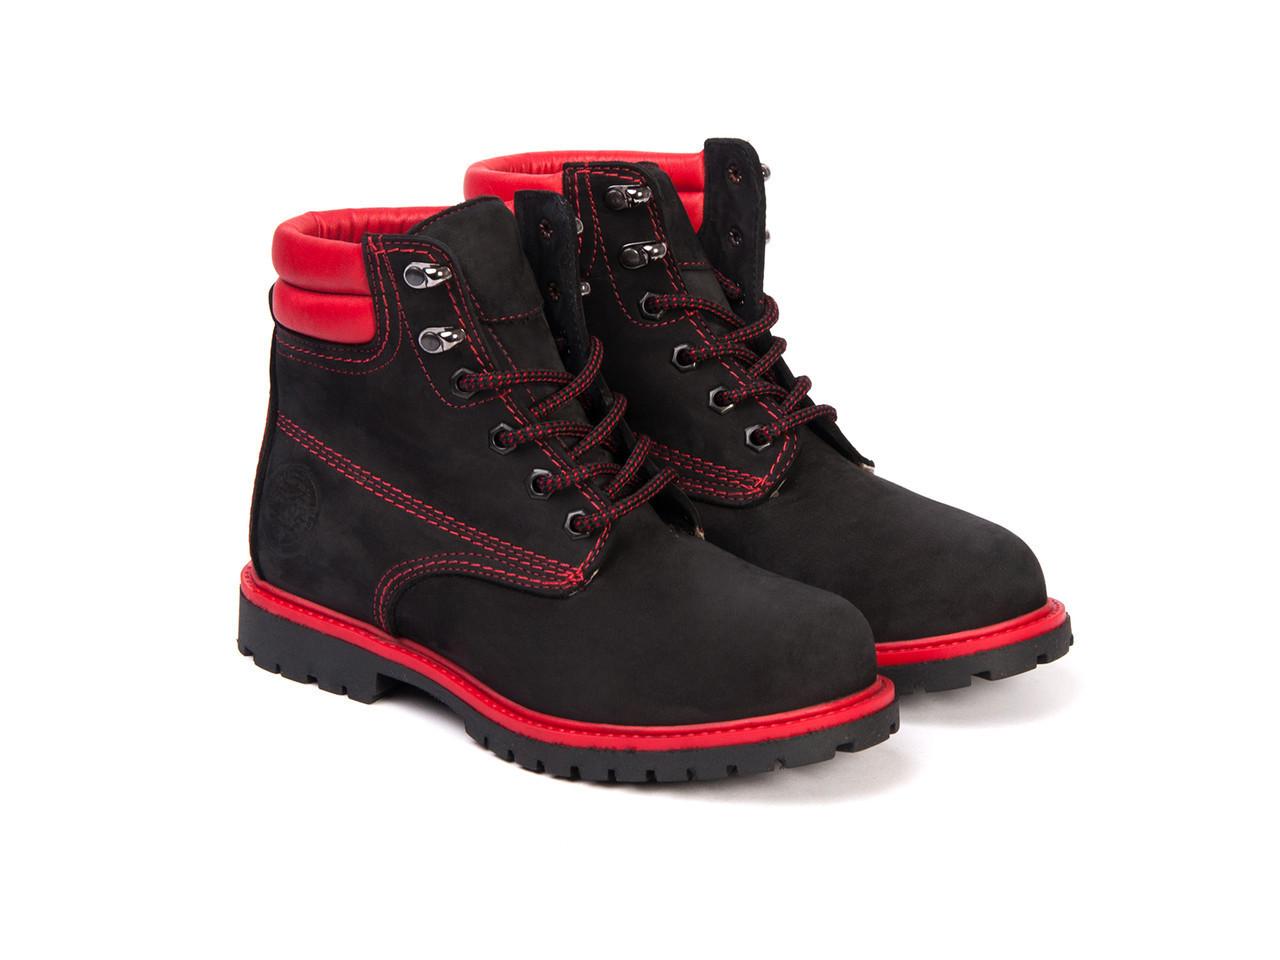 Ботинки Etor 2852-4310-2298-1 37 черные